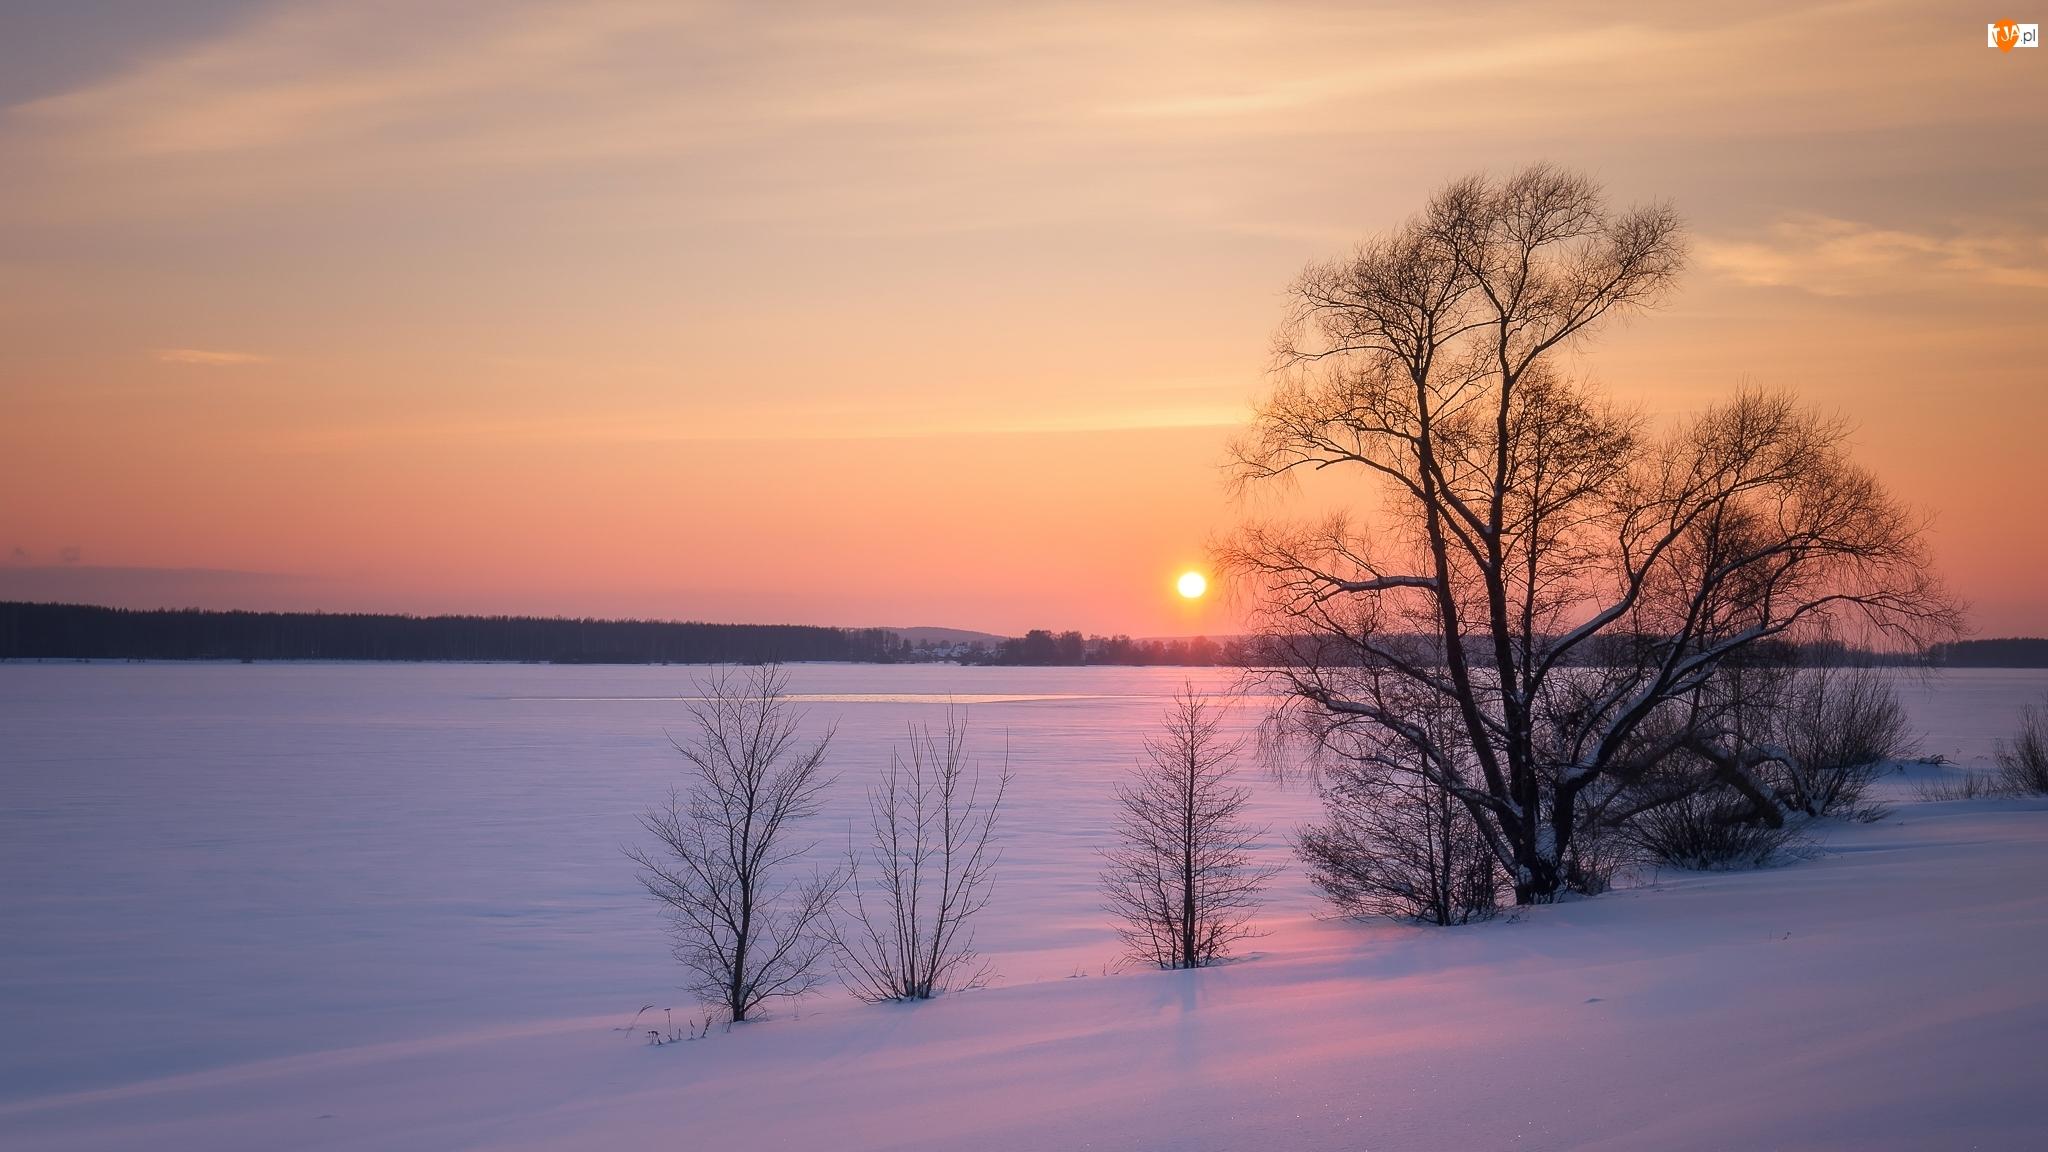 Rzeka Wołga, Zima, Zachód słońca, Rosja, Drzewa, Miejscowość Kostroma